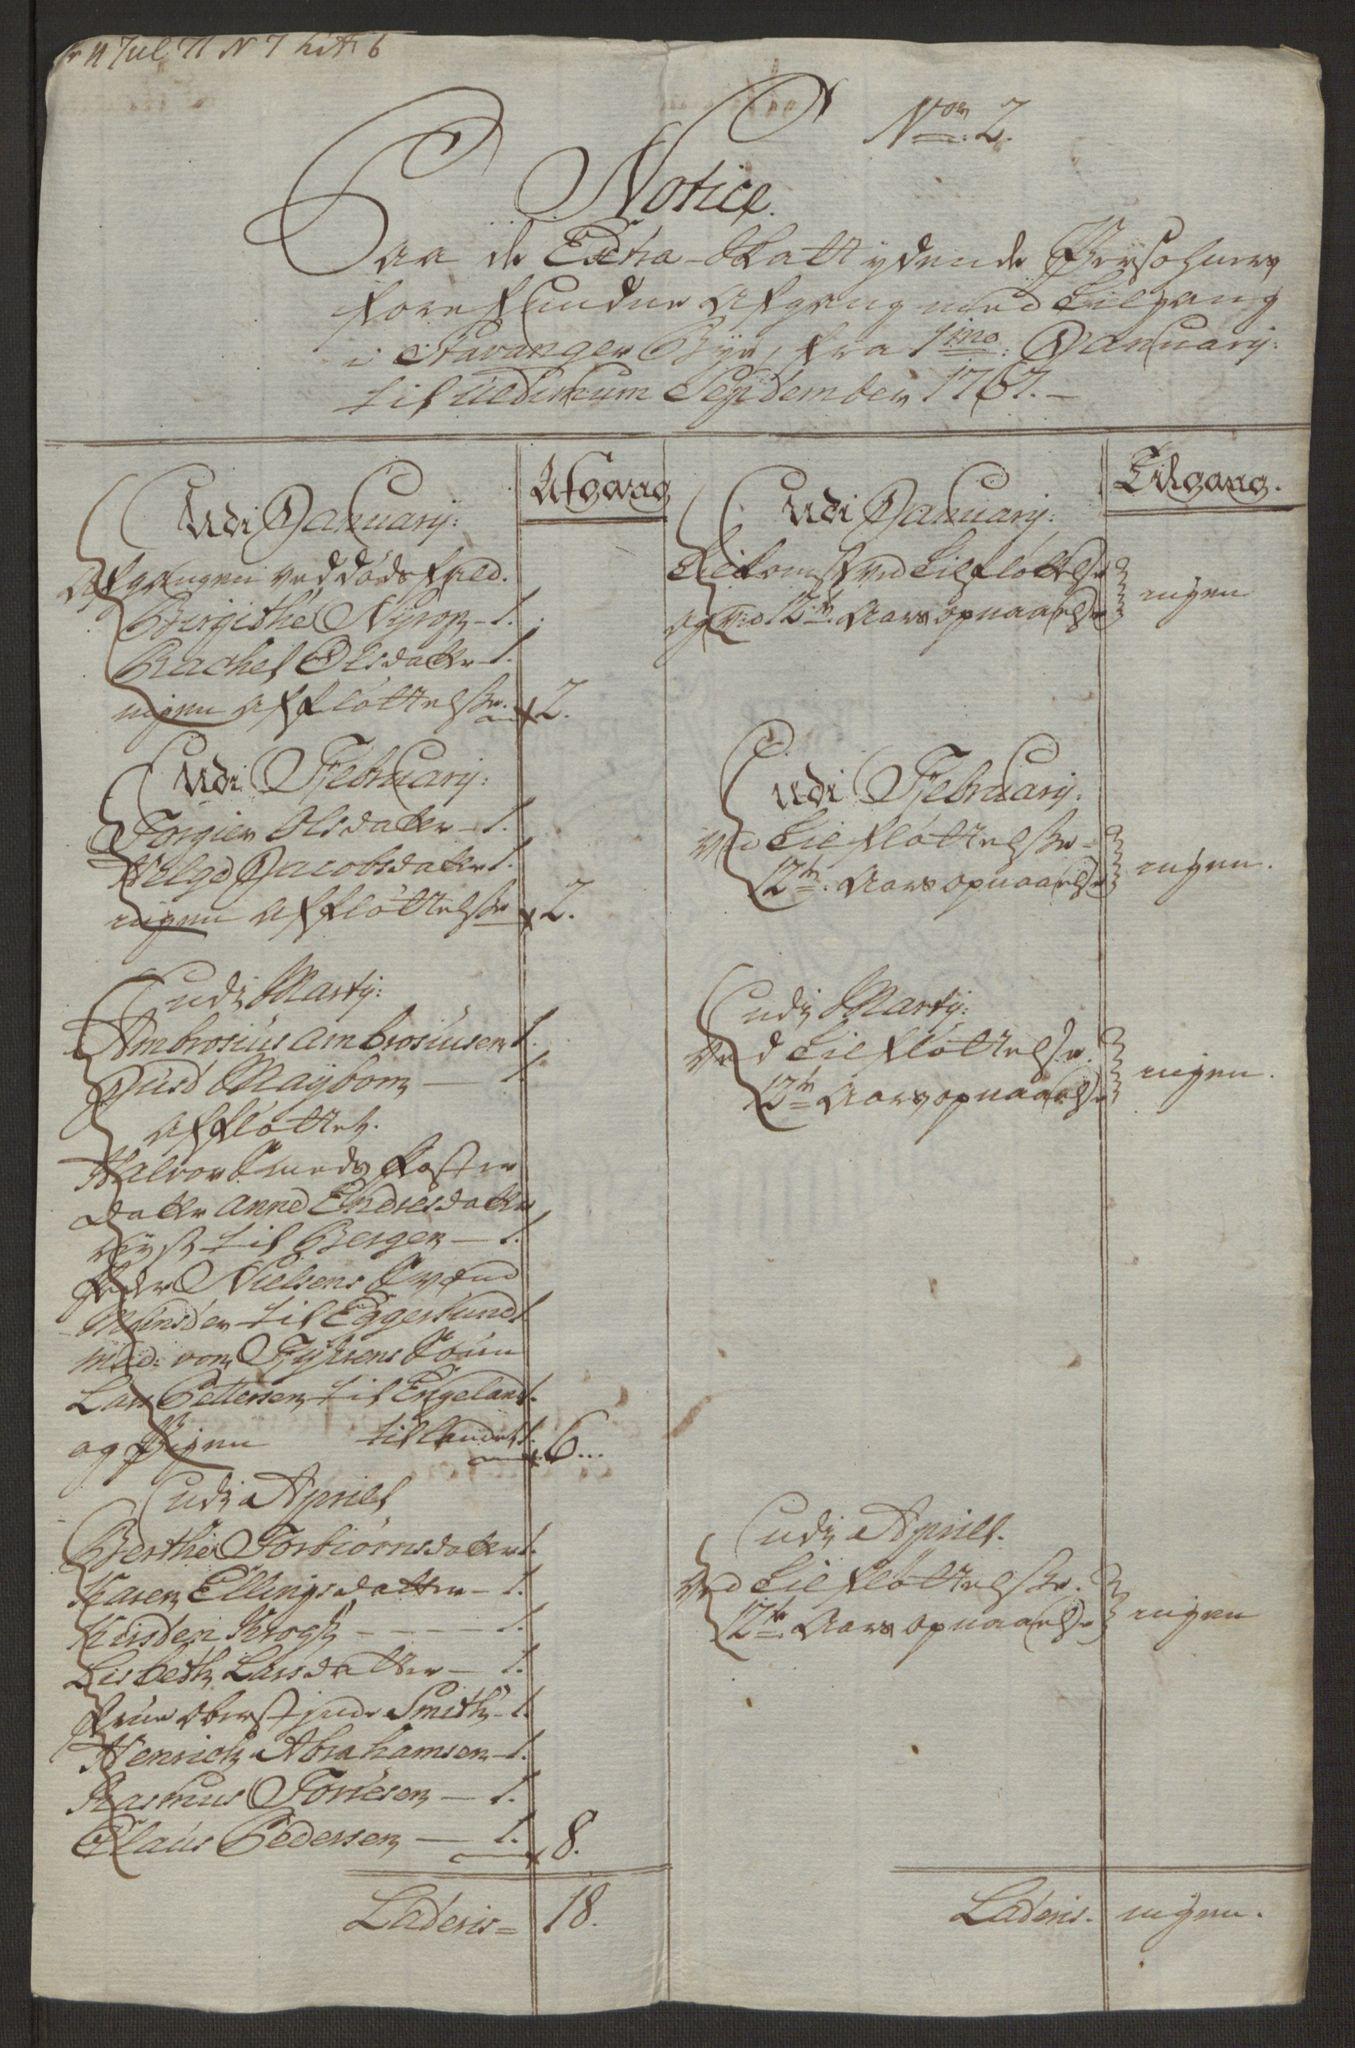 RA, Rentekammeret inntil 1814, Reviderte regnskaper, Byregnskaper, R/Ro/L0305: [O6] Kontribusjonsregnskap, 1762-1768, s. 239